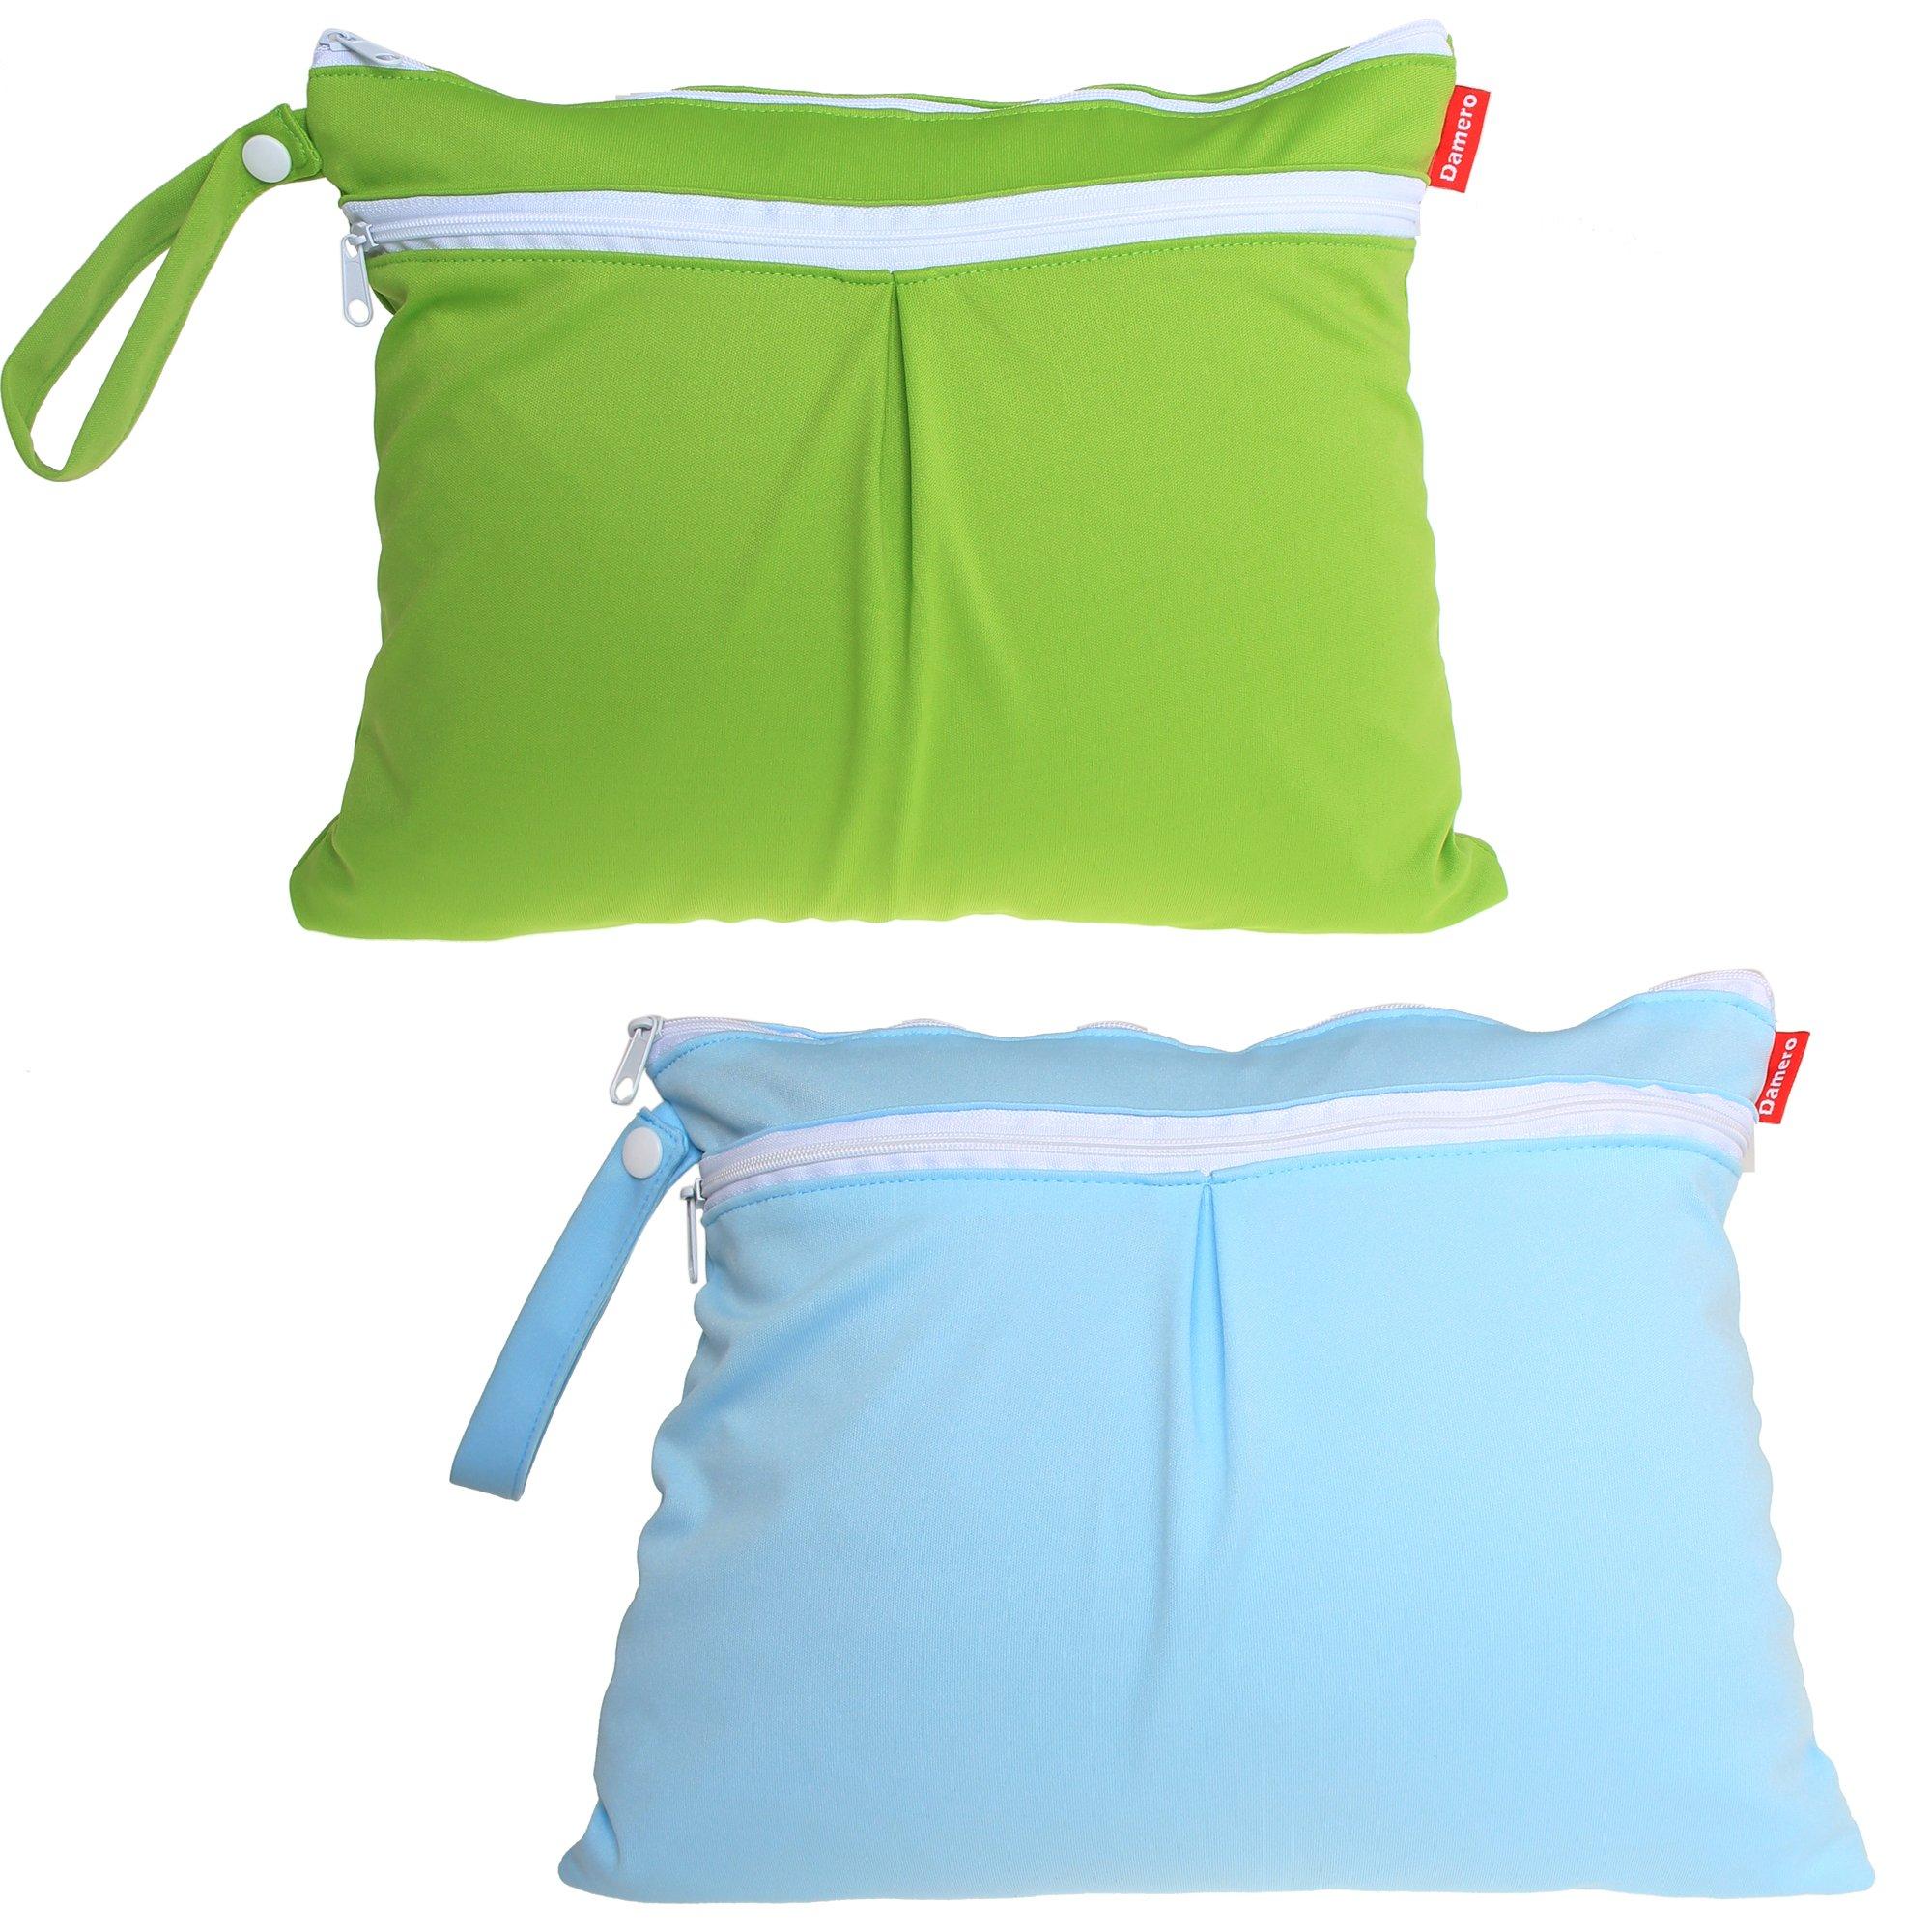 Damero ウェットバック 防水バッグ 2点セット お出かけ 温泉 スポーツ 便利 緑+青